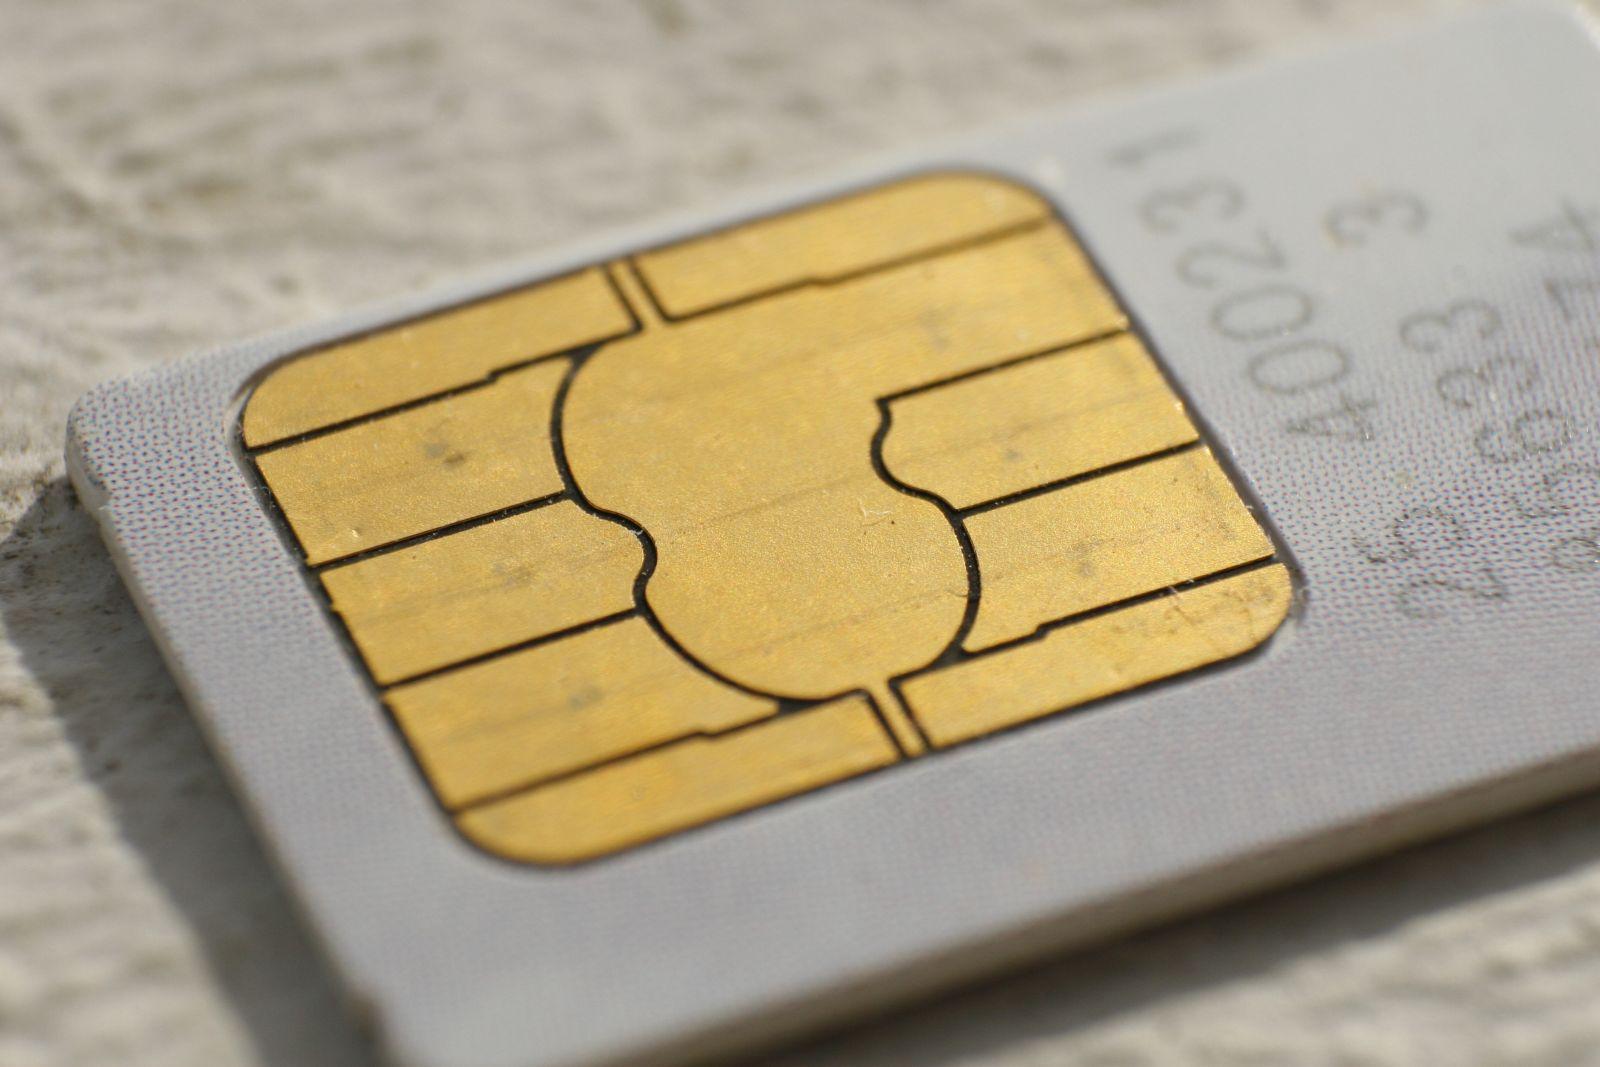 Наркотики у булочках вже передавали, тепер SIM-карту у цибулі – і все це незаконним шляхом для ув'язнених (ФОТО)